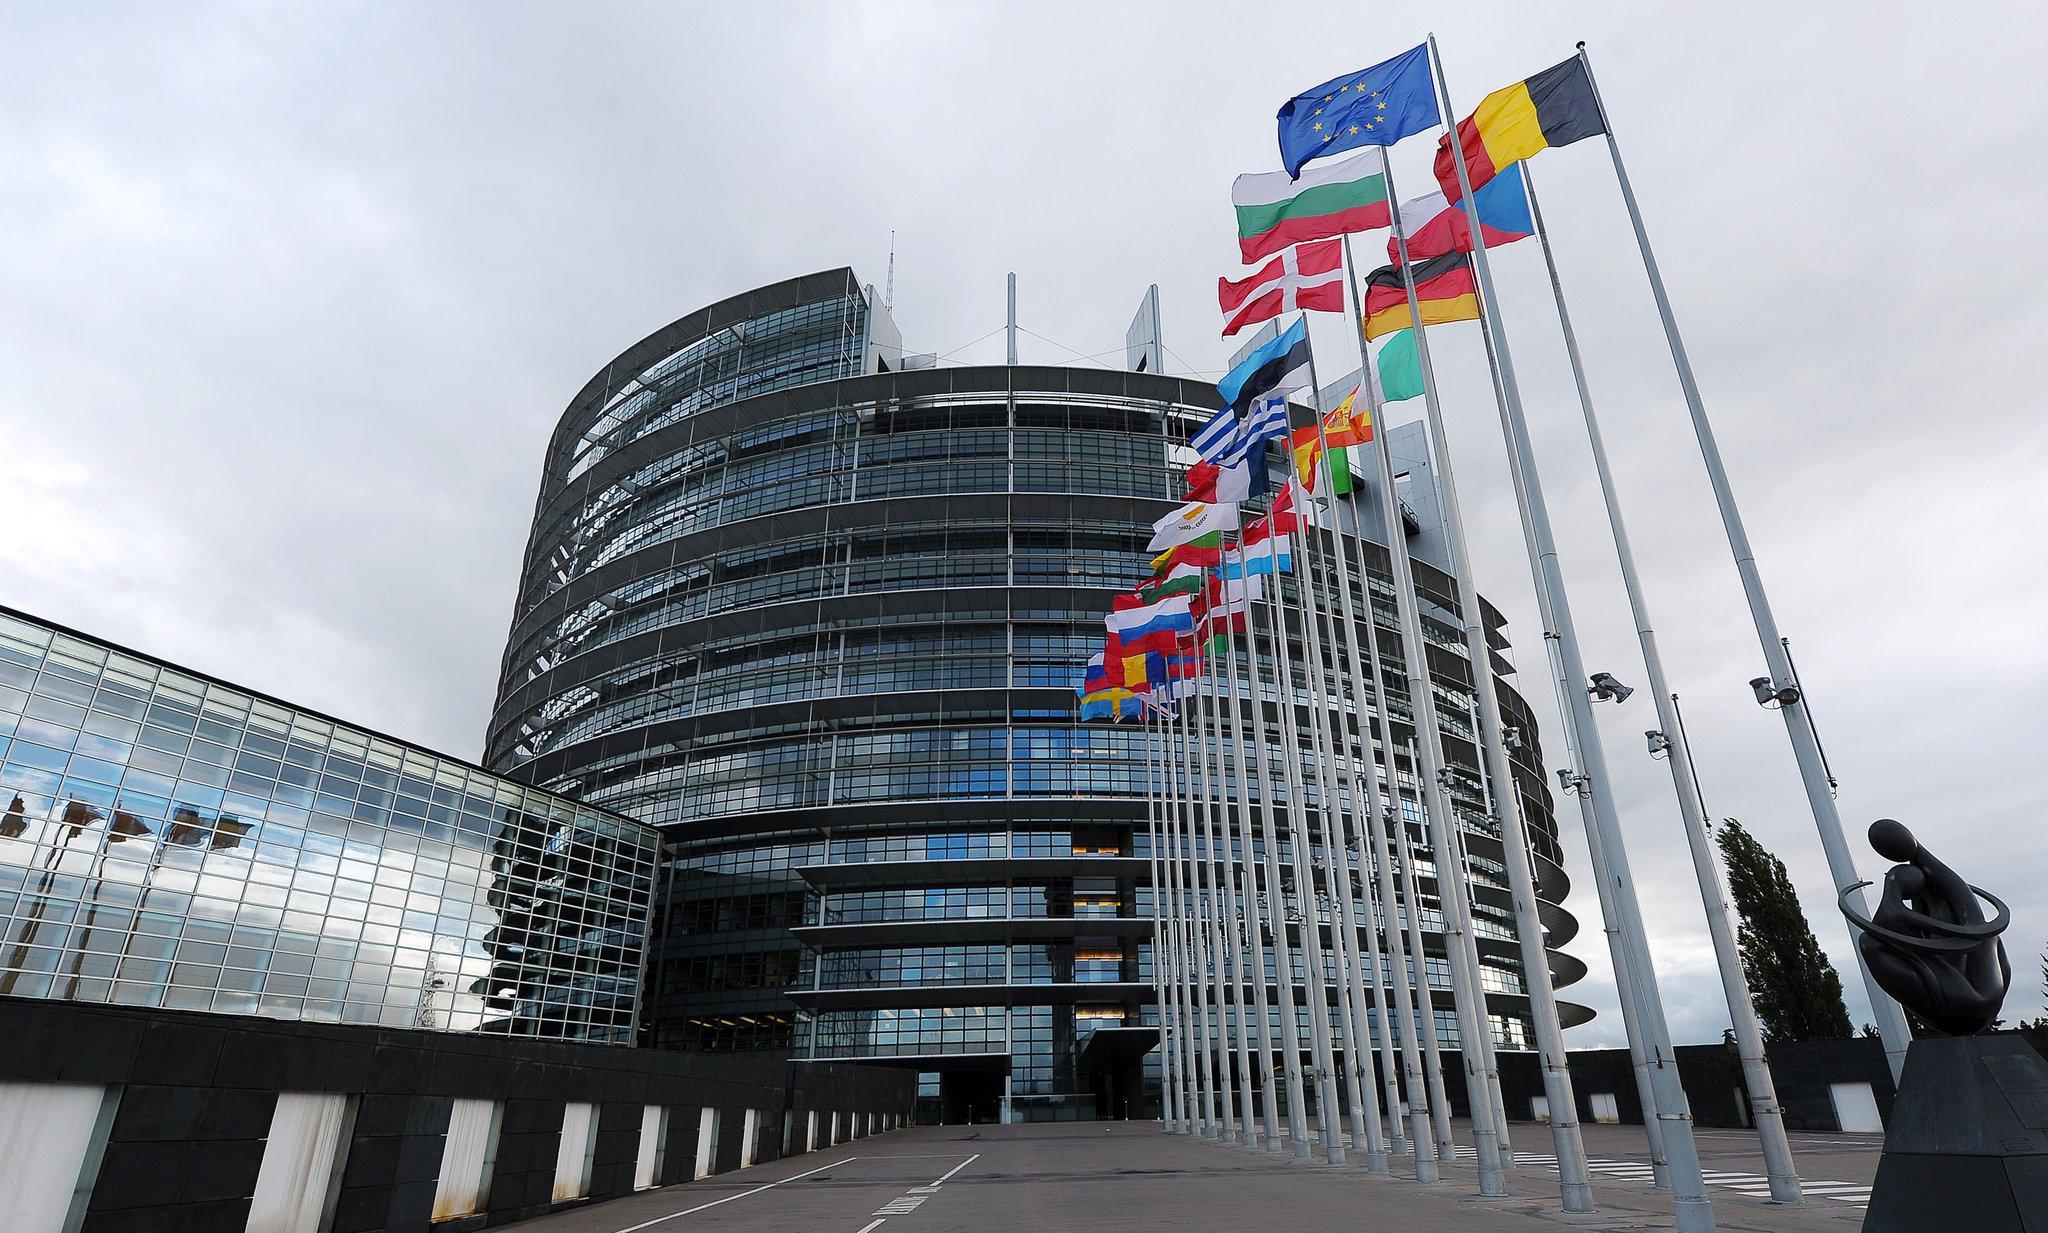 Avropa Parlamentinin binası qarət edilib, 50 deputatın notebooku oğurlanıb